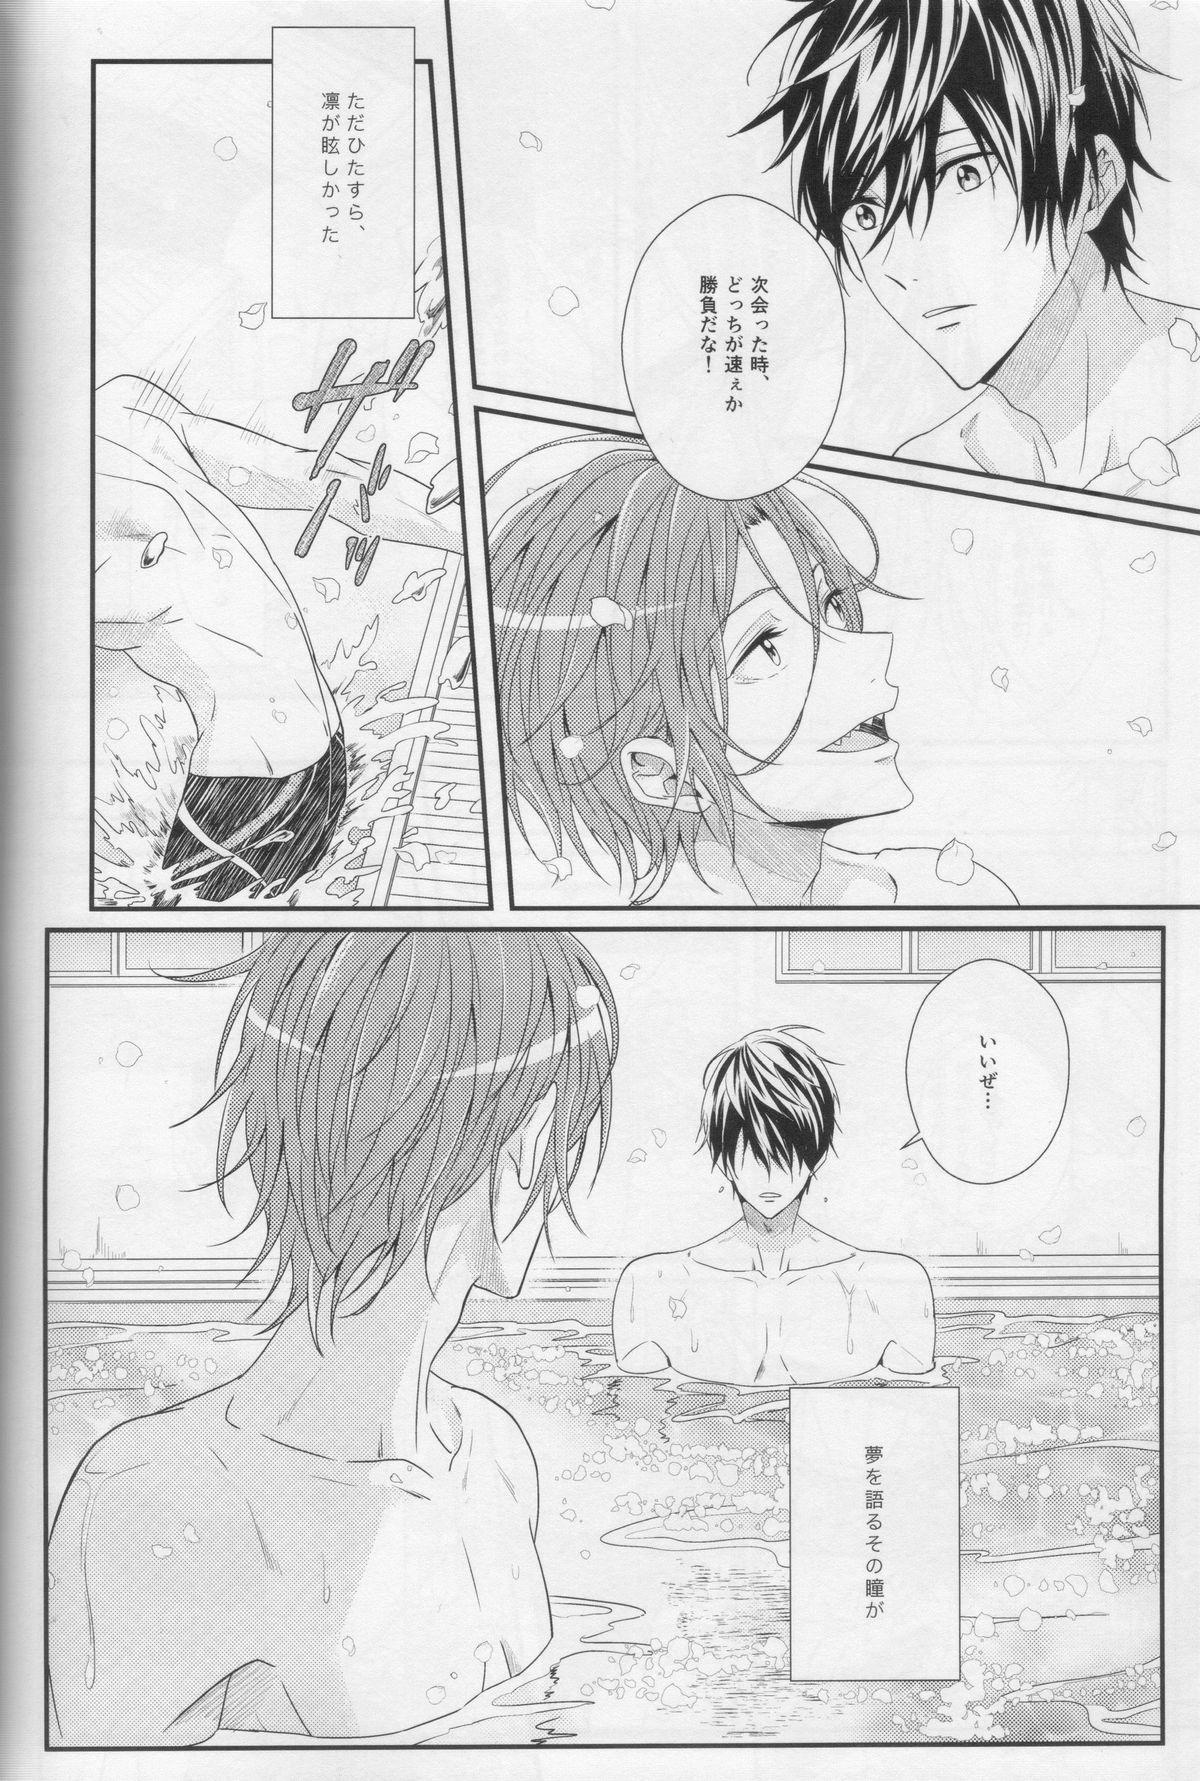 Minasoko no Blue Fish 9